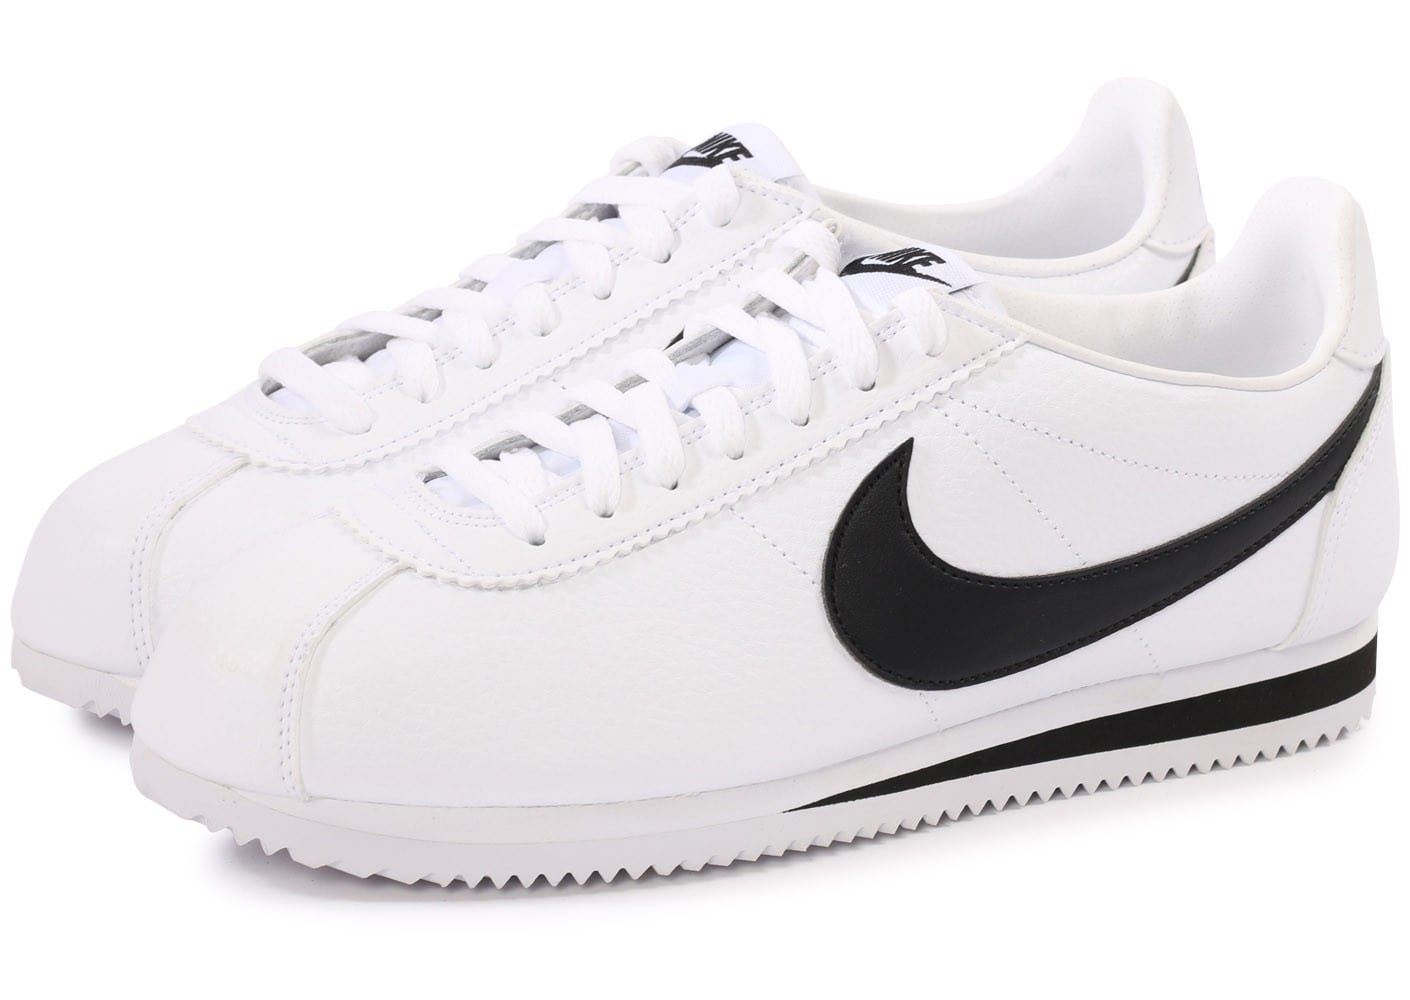 info for bdf18 5d31f nike cortez noir et blanc, Cliquez pour zoomer Chaussures Nike Cortez  Leather blanc noir vue